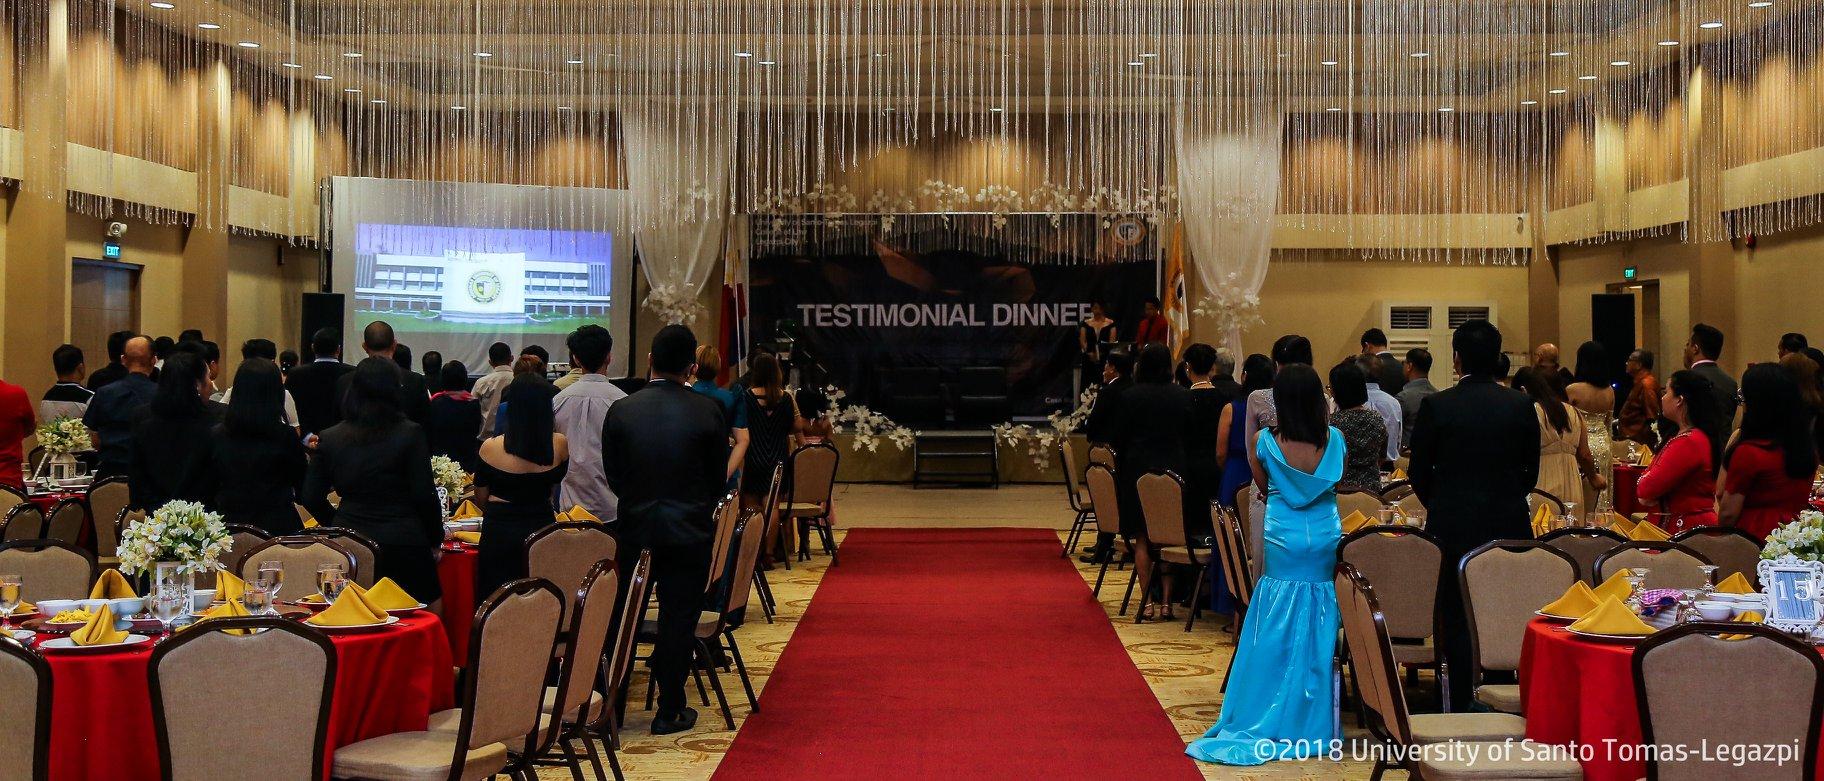 Testimonial Dinner 2018